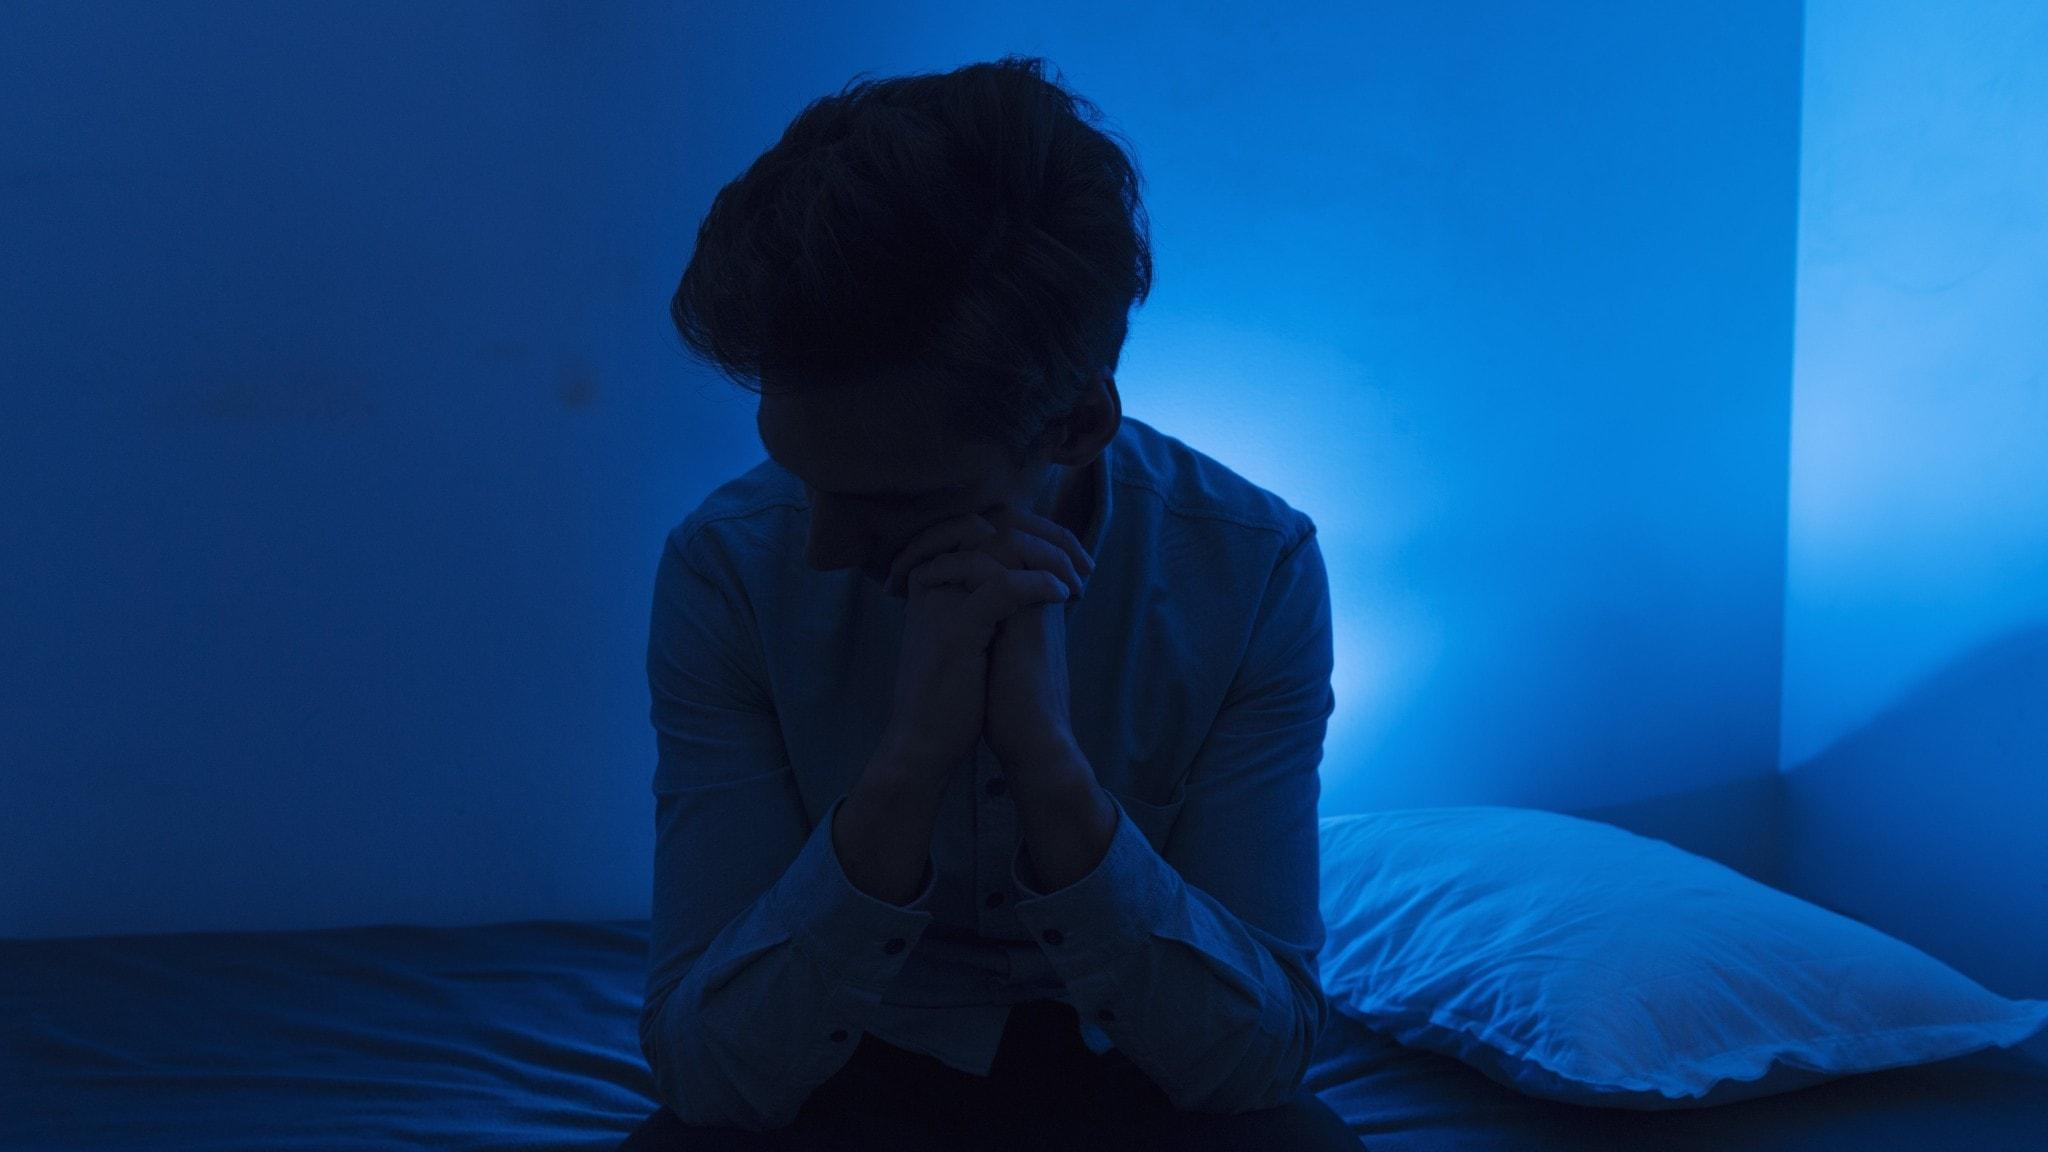 Vi måste våga prata om självmord